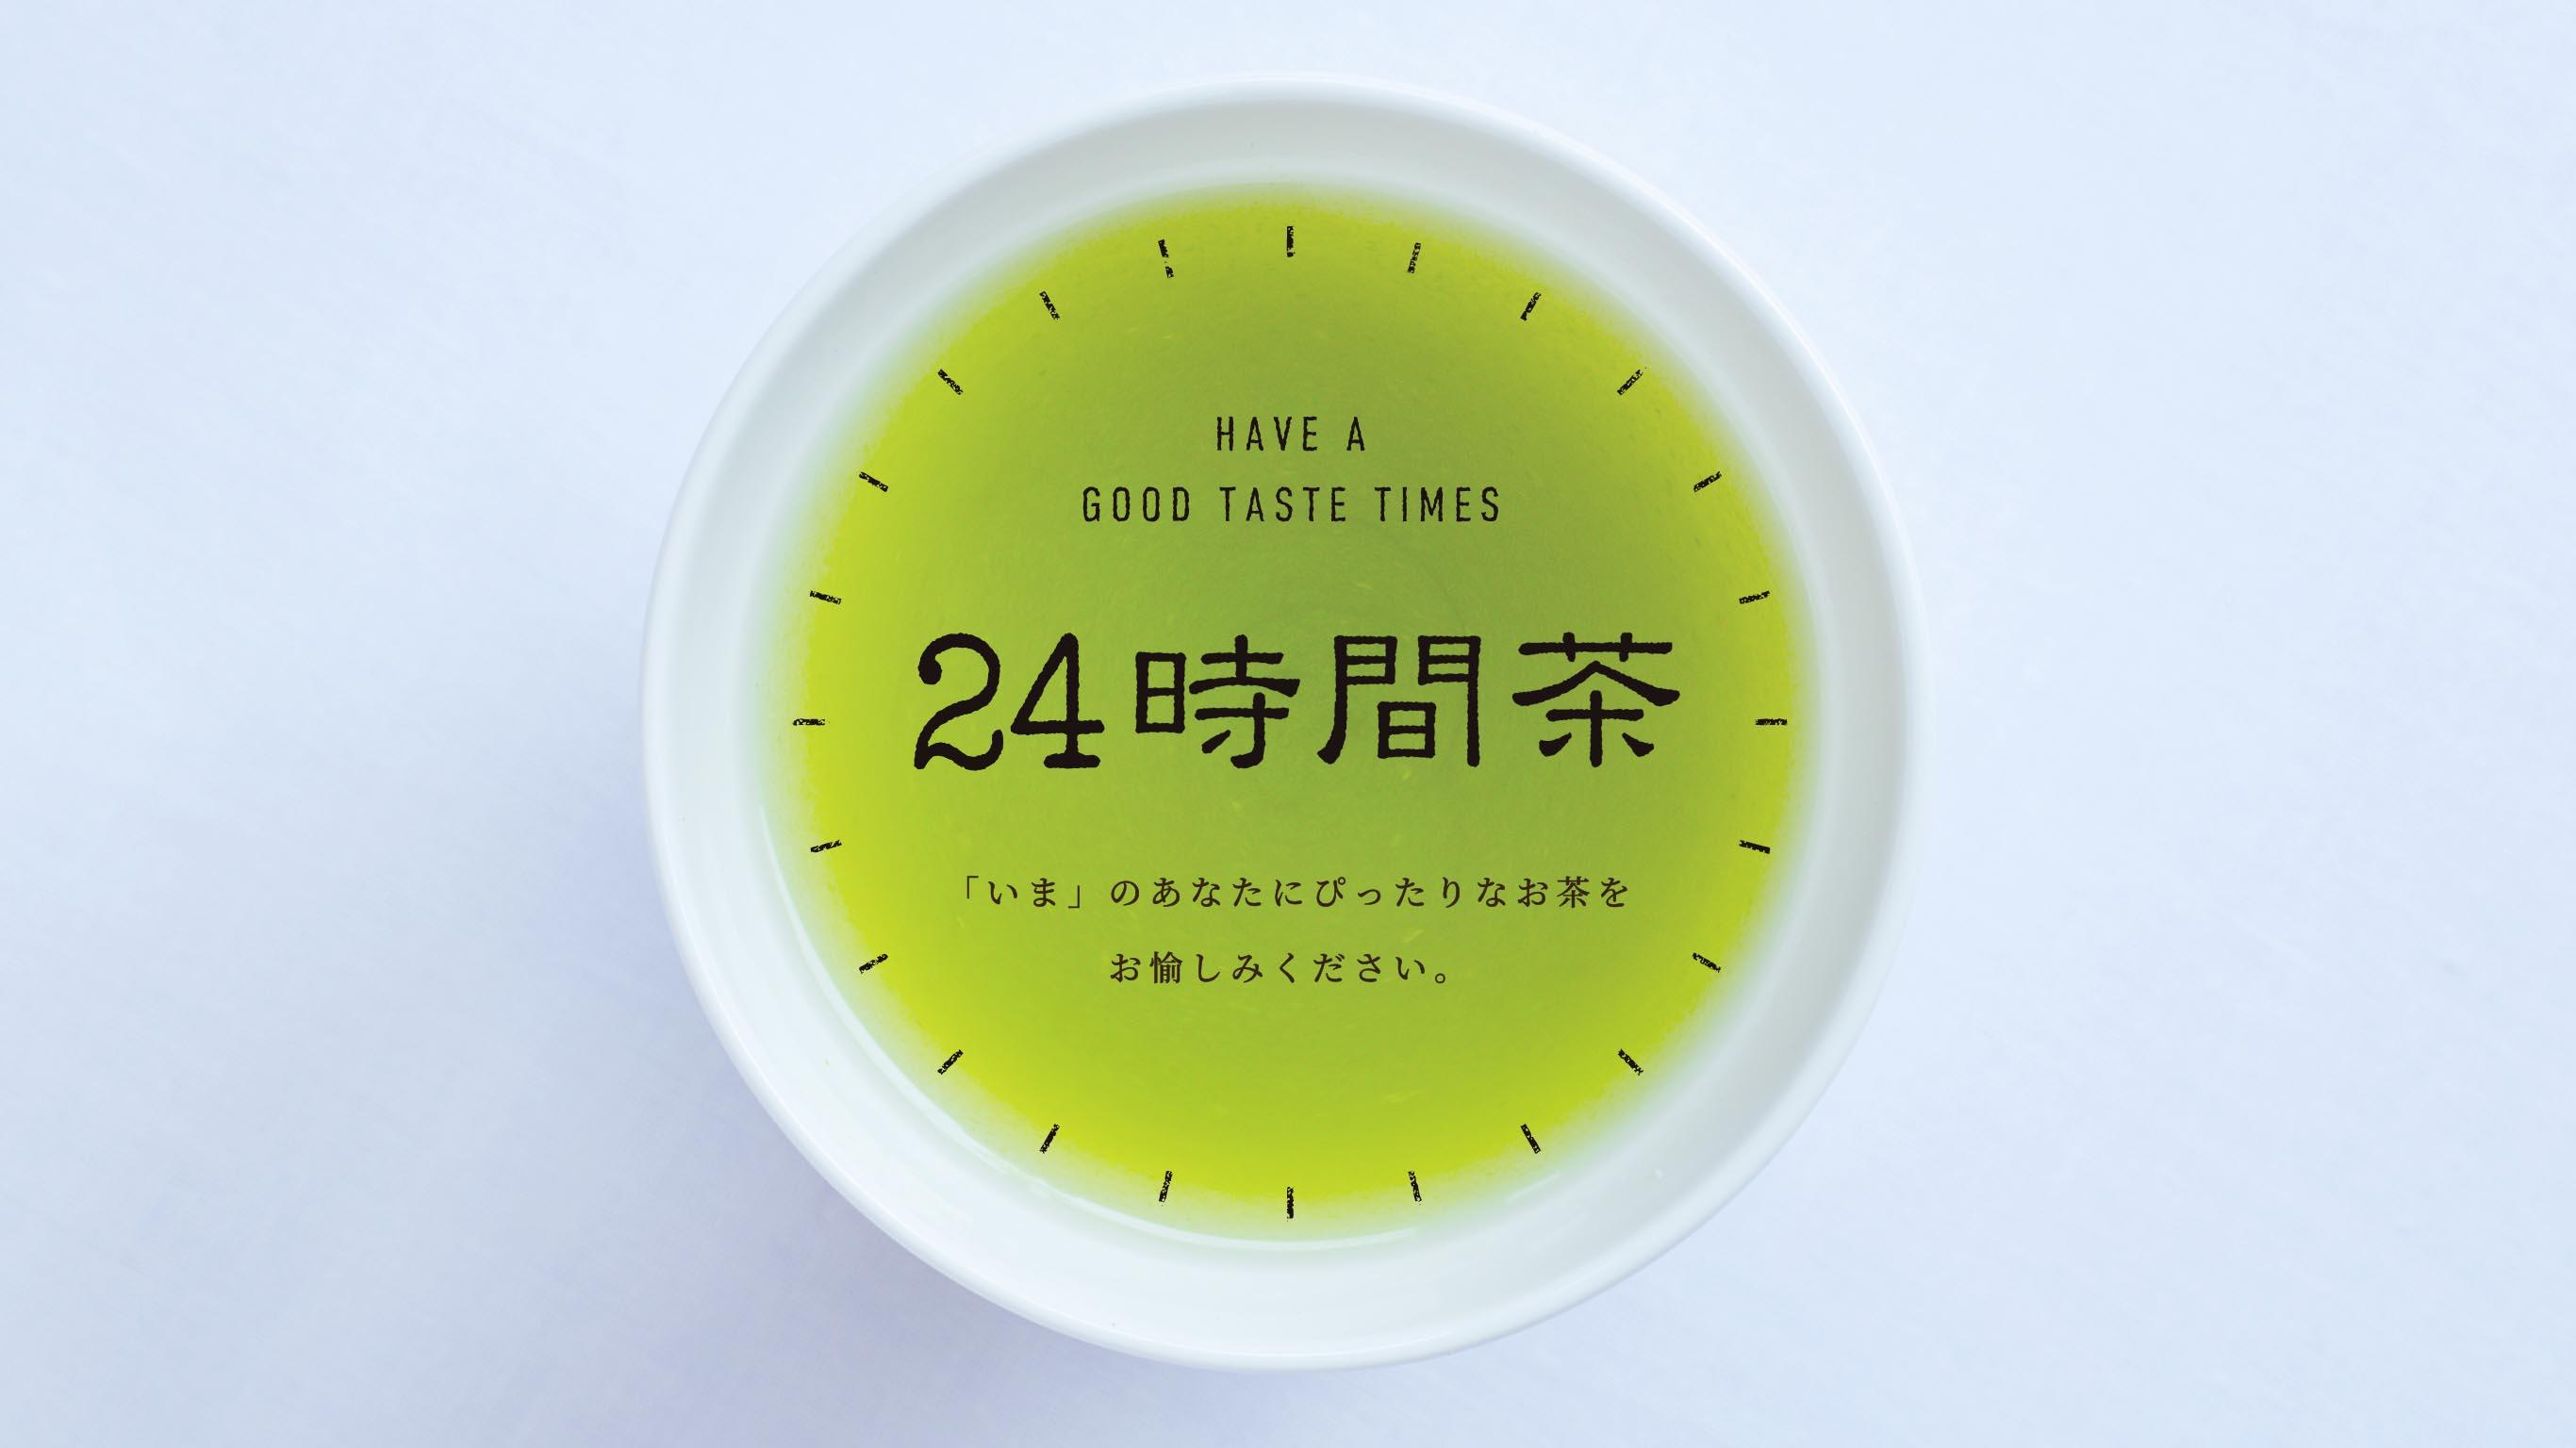 HAVE A GOOD TASTE TIMES 24時間茶 「いま」のあなたにぴったりなお茶をお愉しみください。